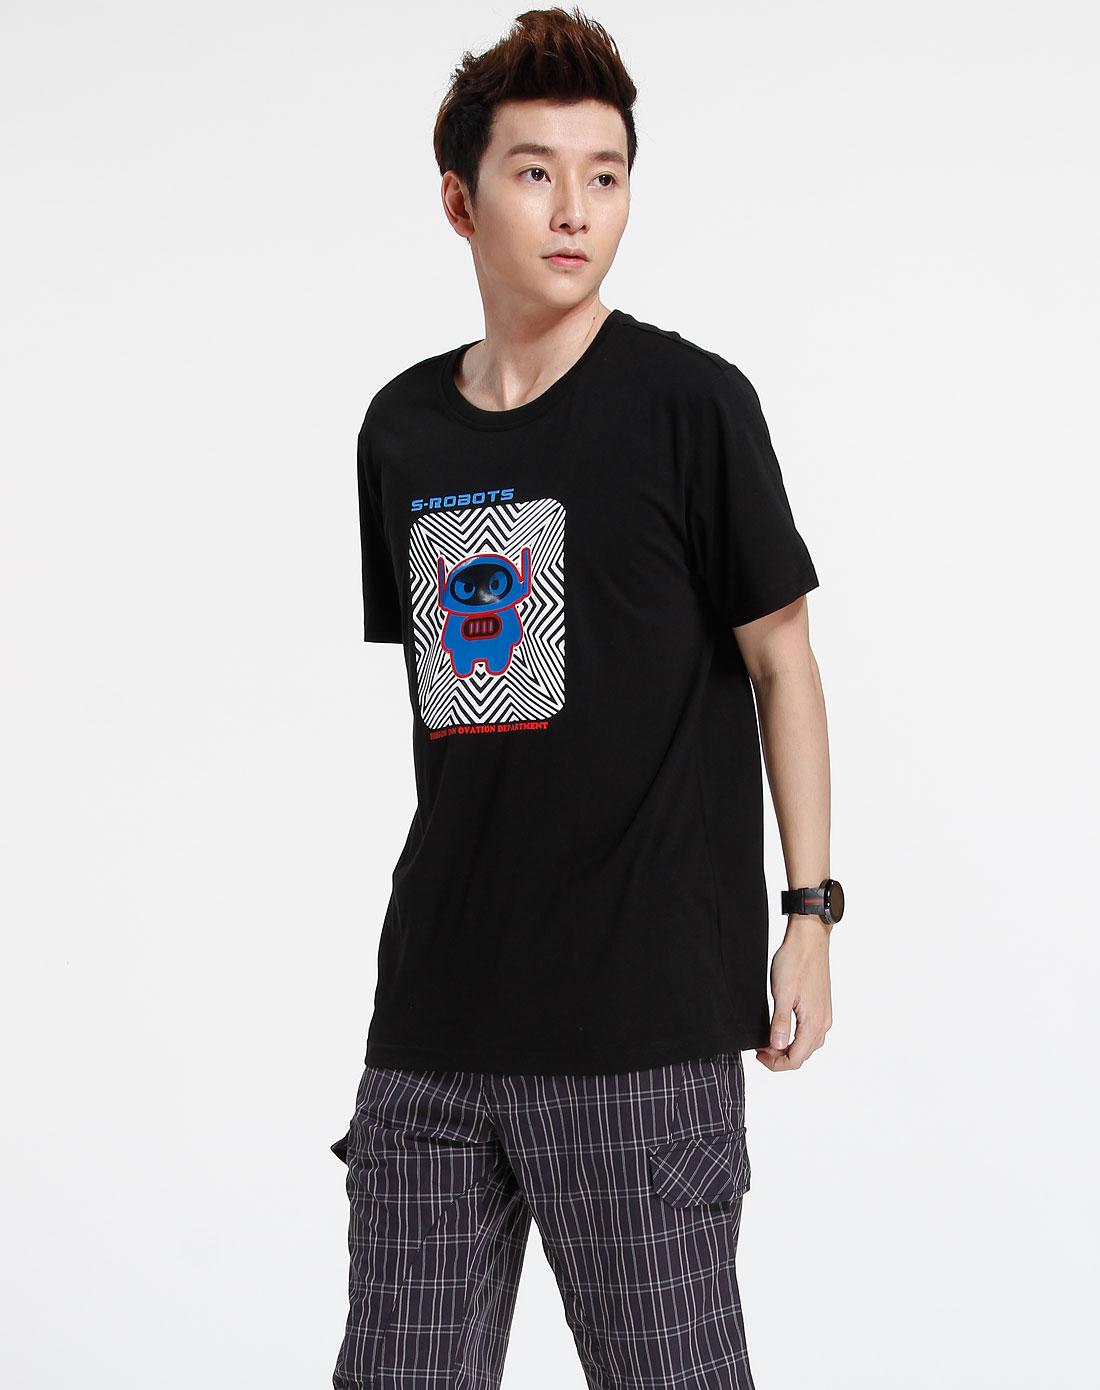 森马-男装黑色时尚印图短袖t恤002151070-900图片